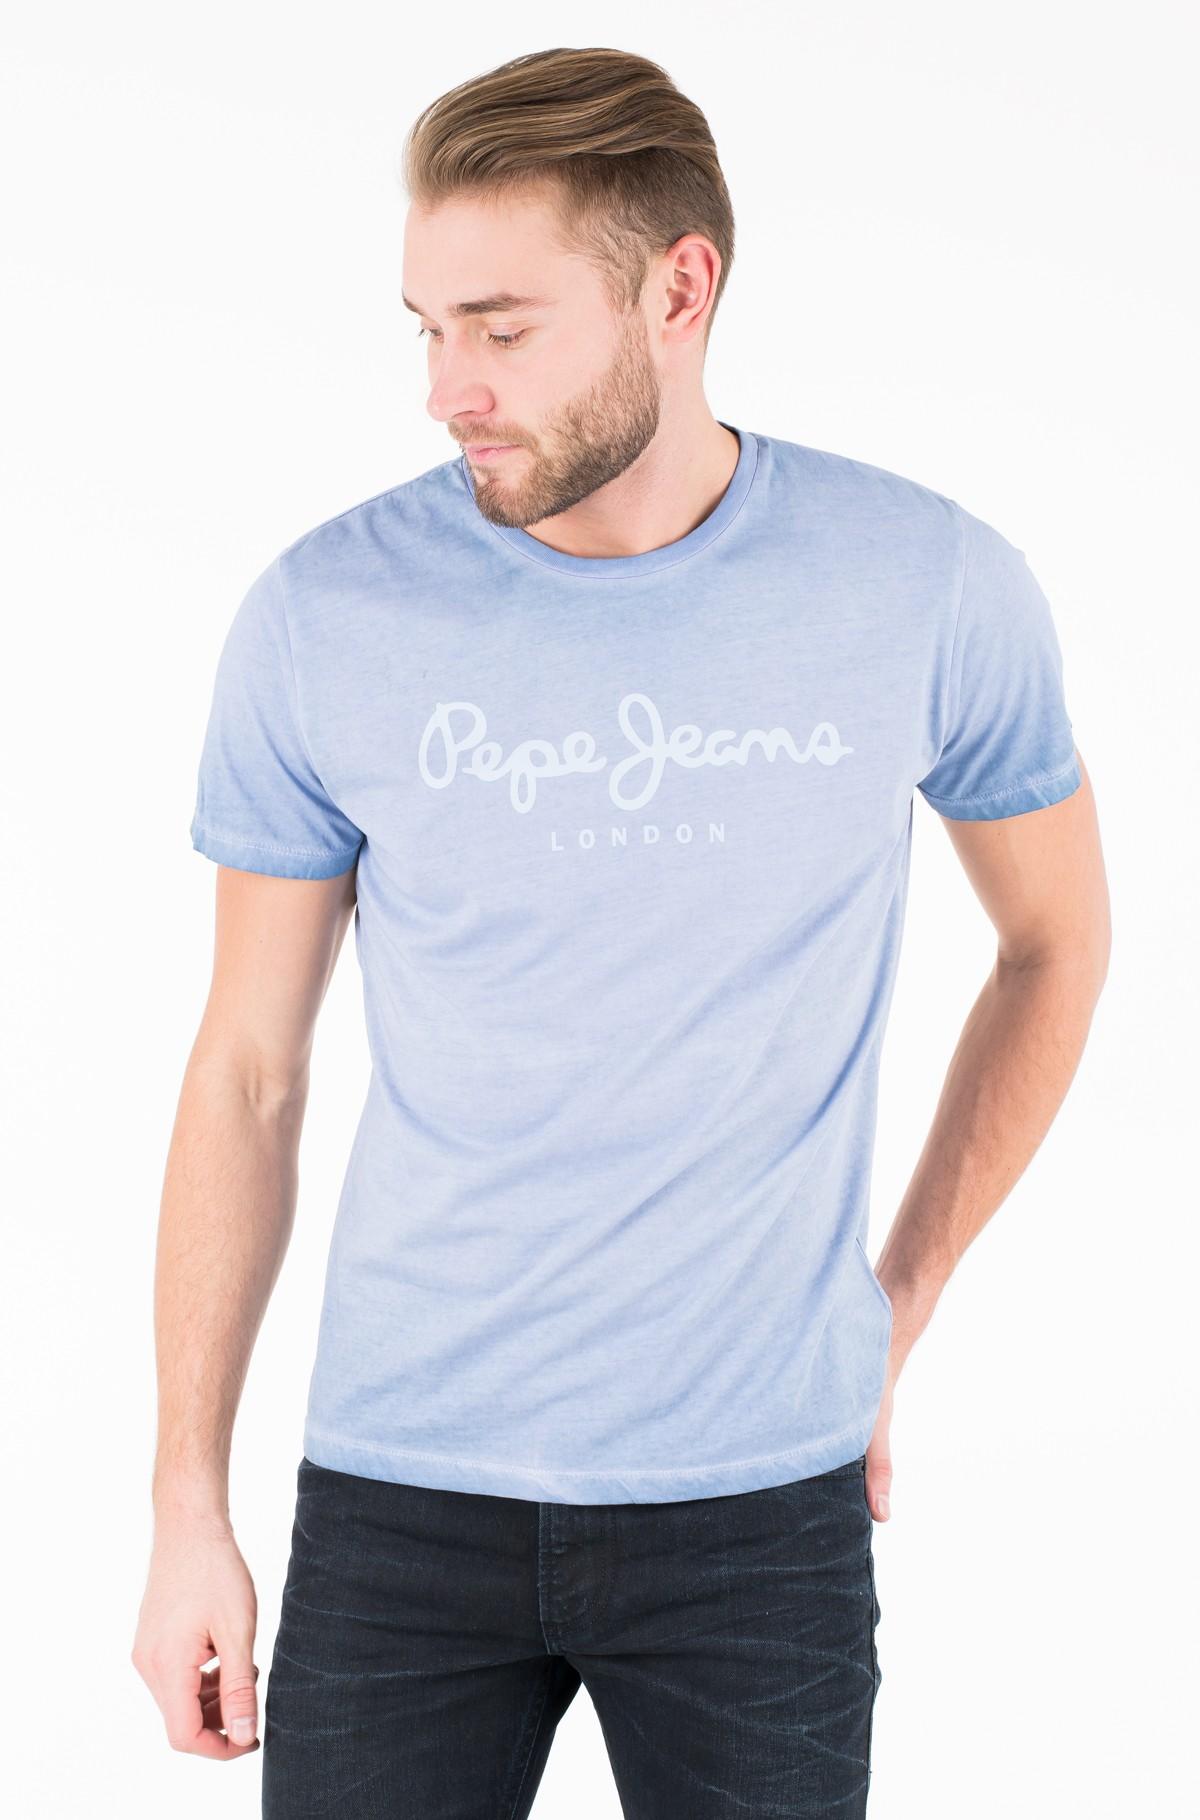 Marškinėliai WEST SIR/PM504032-full-1